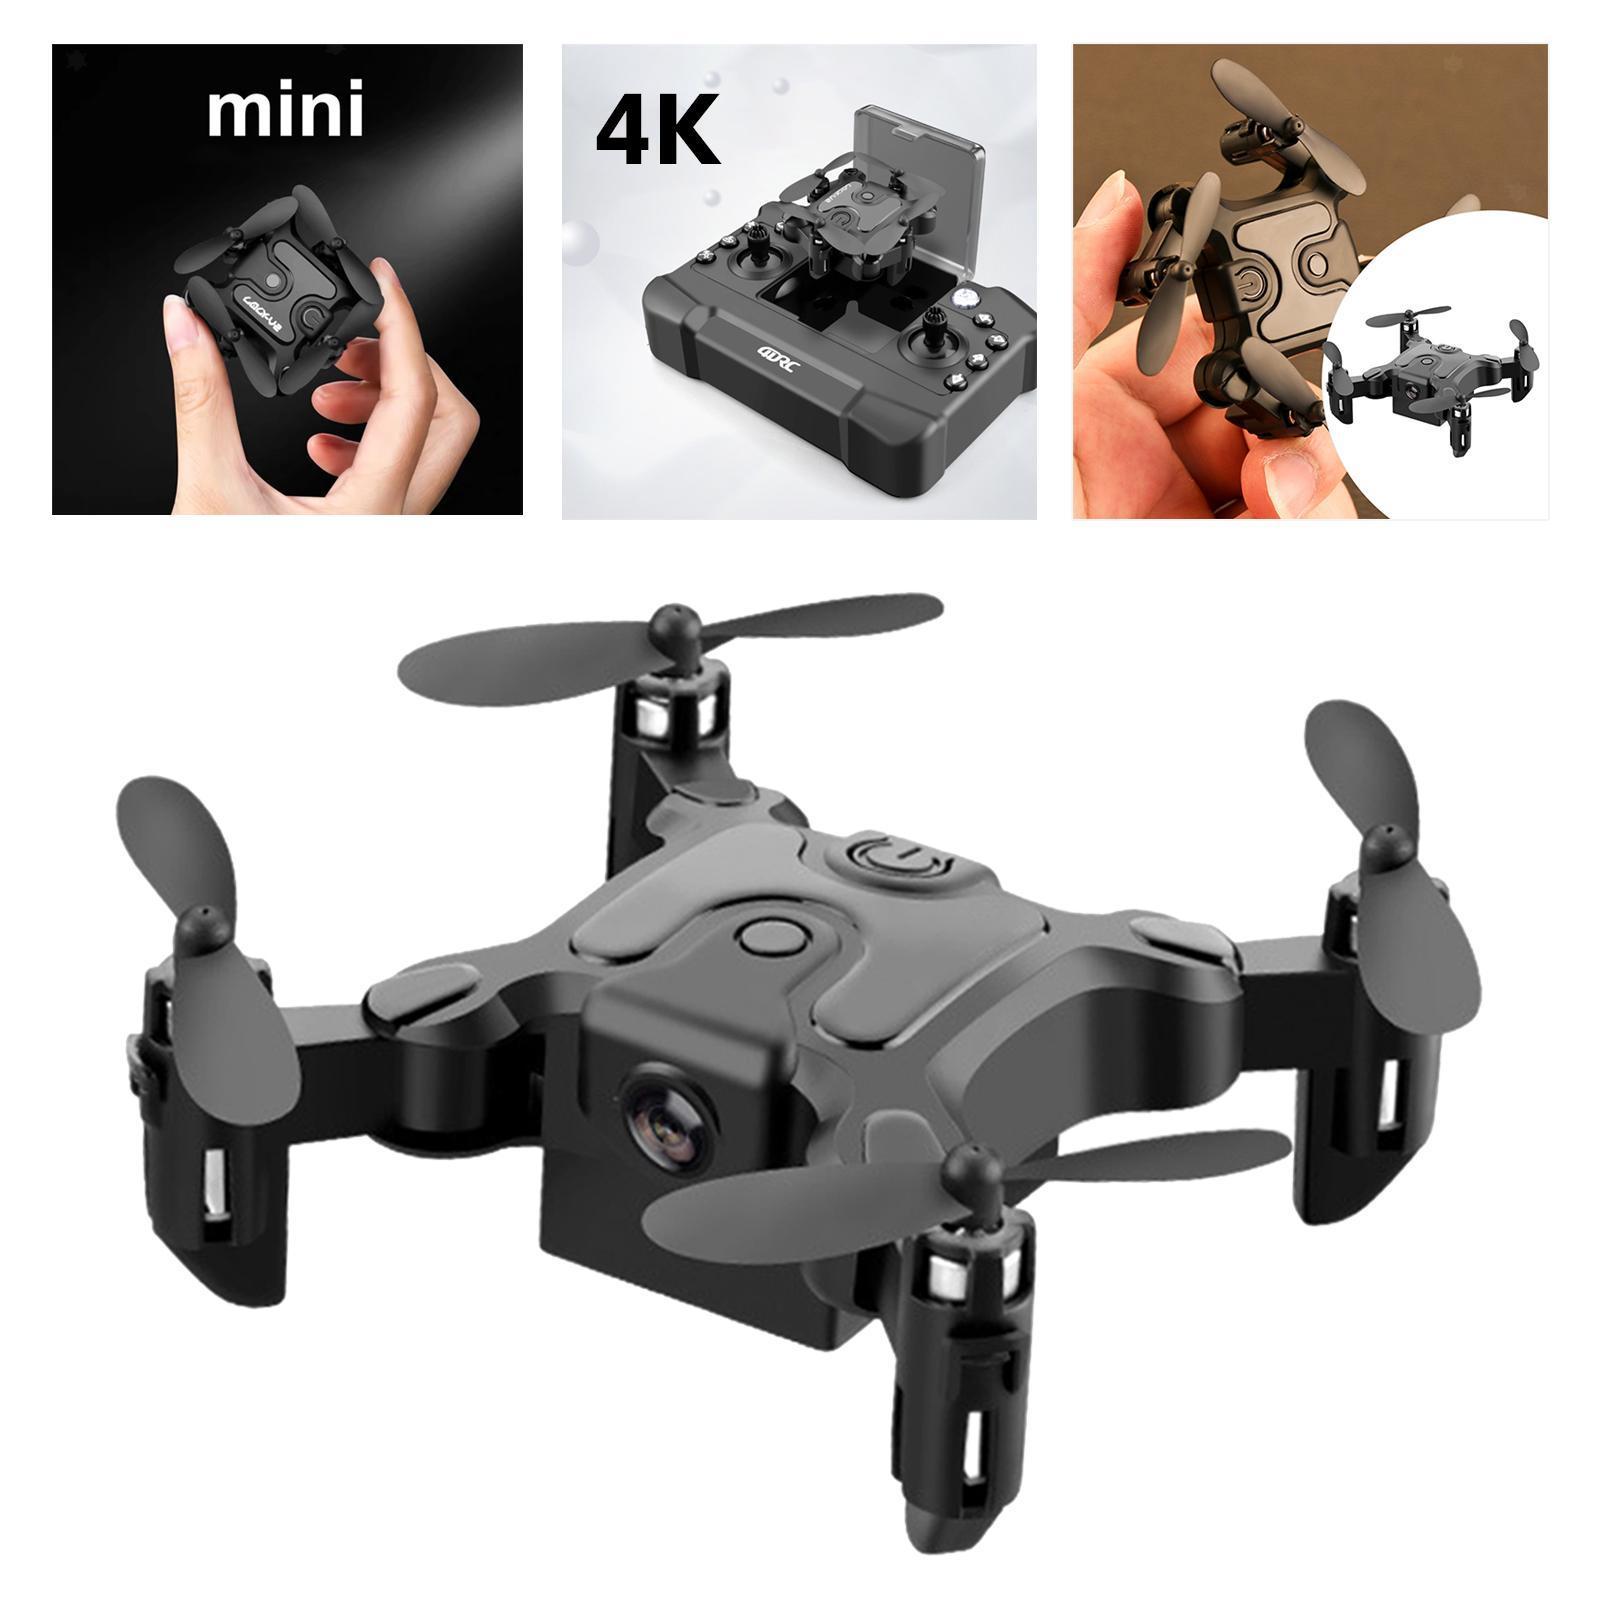 Zusammenklappbares RC Drohnen Headless Modus Funksteuerungs Quadcopter Spielzeug